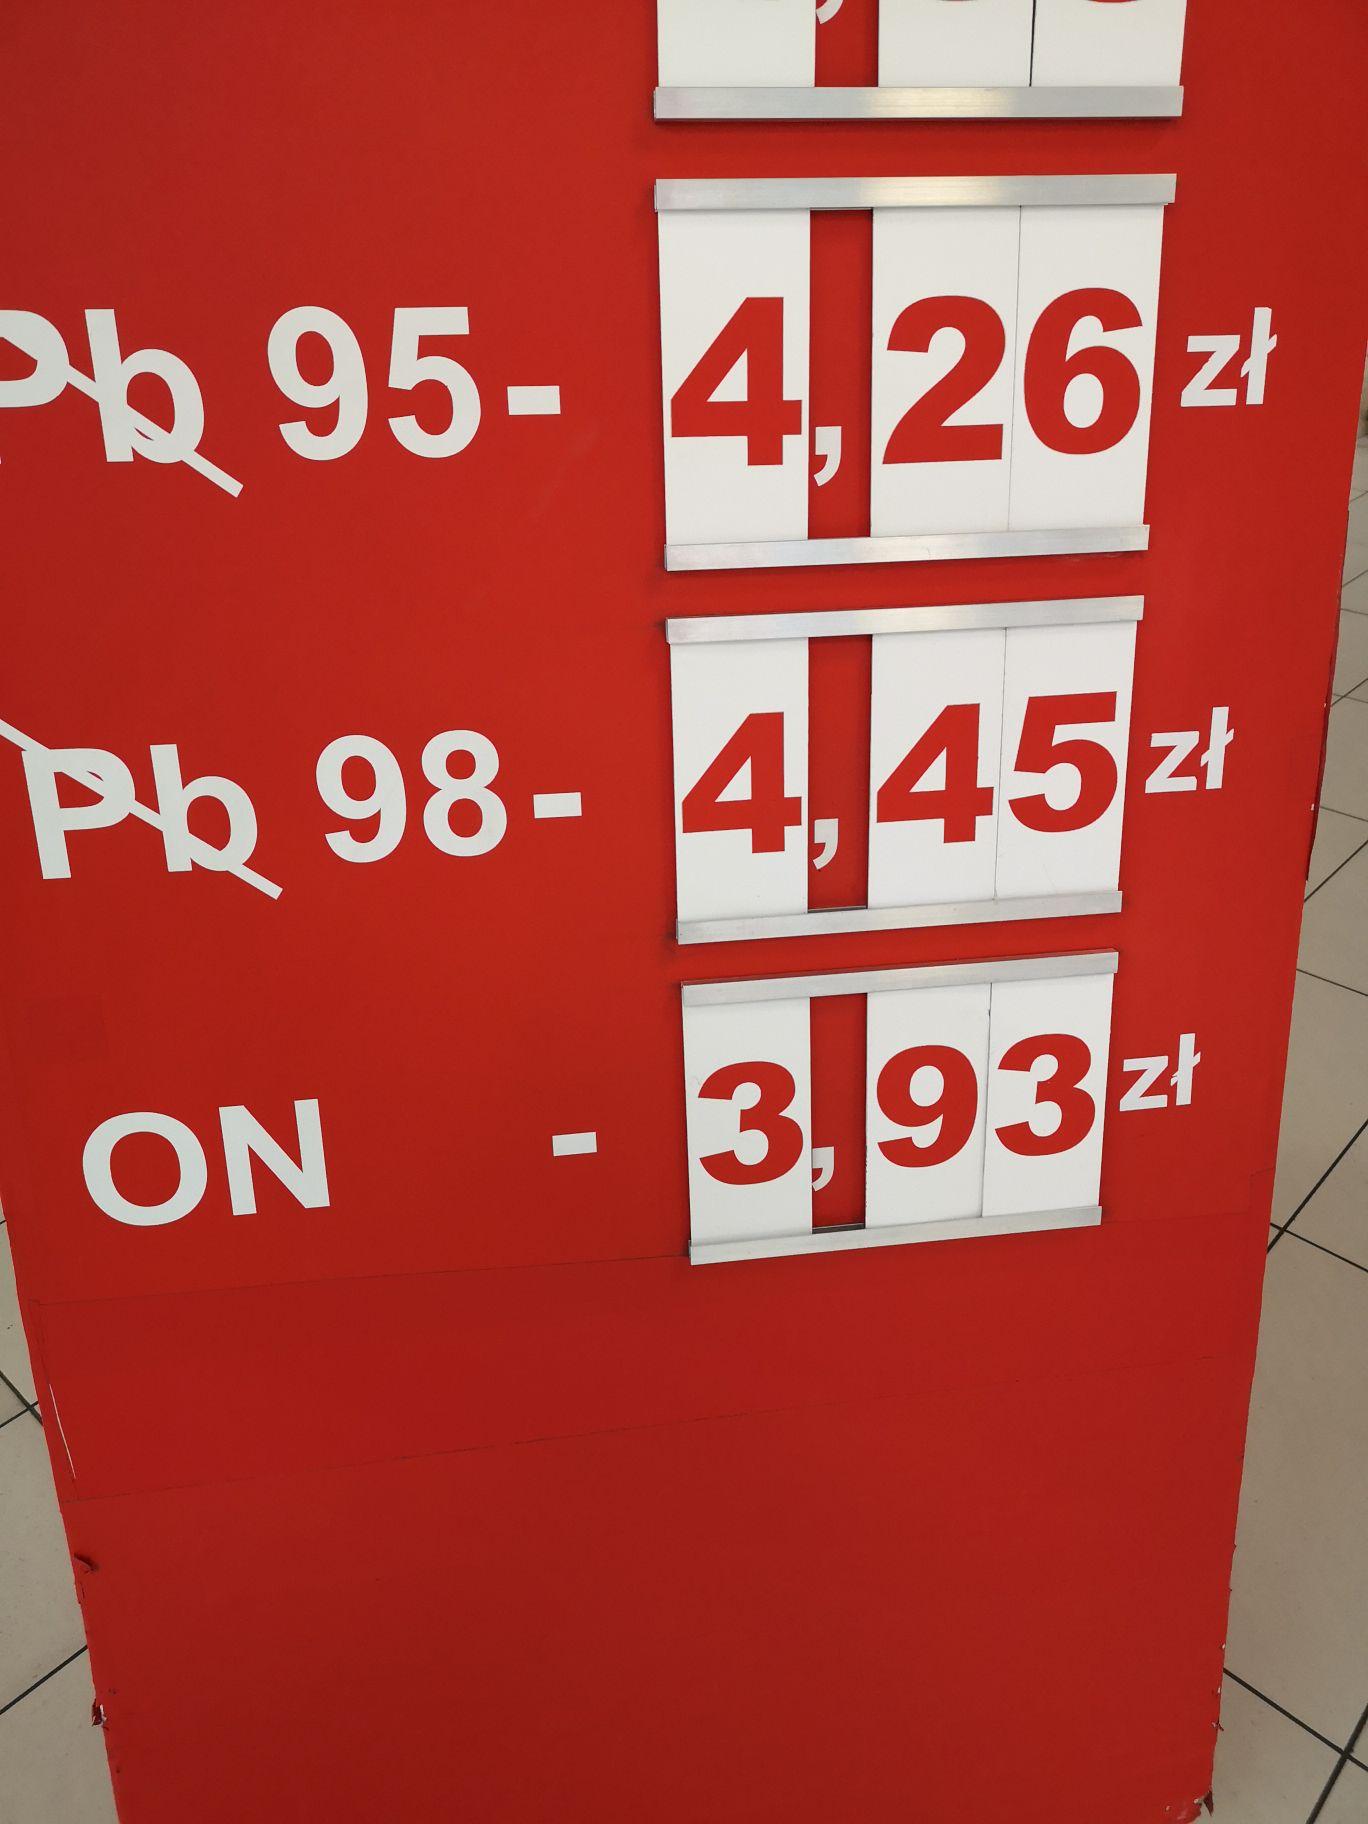 Paliwo diesel 3,93 zł / l. Auchan Swadzim